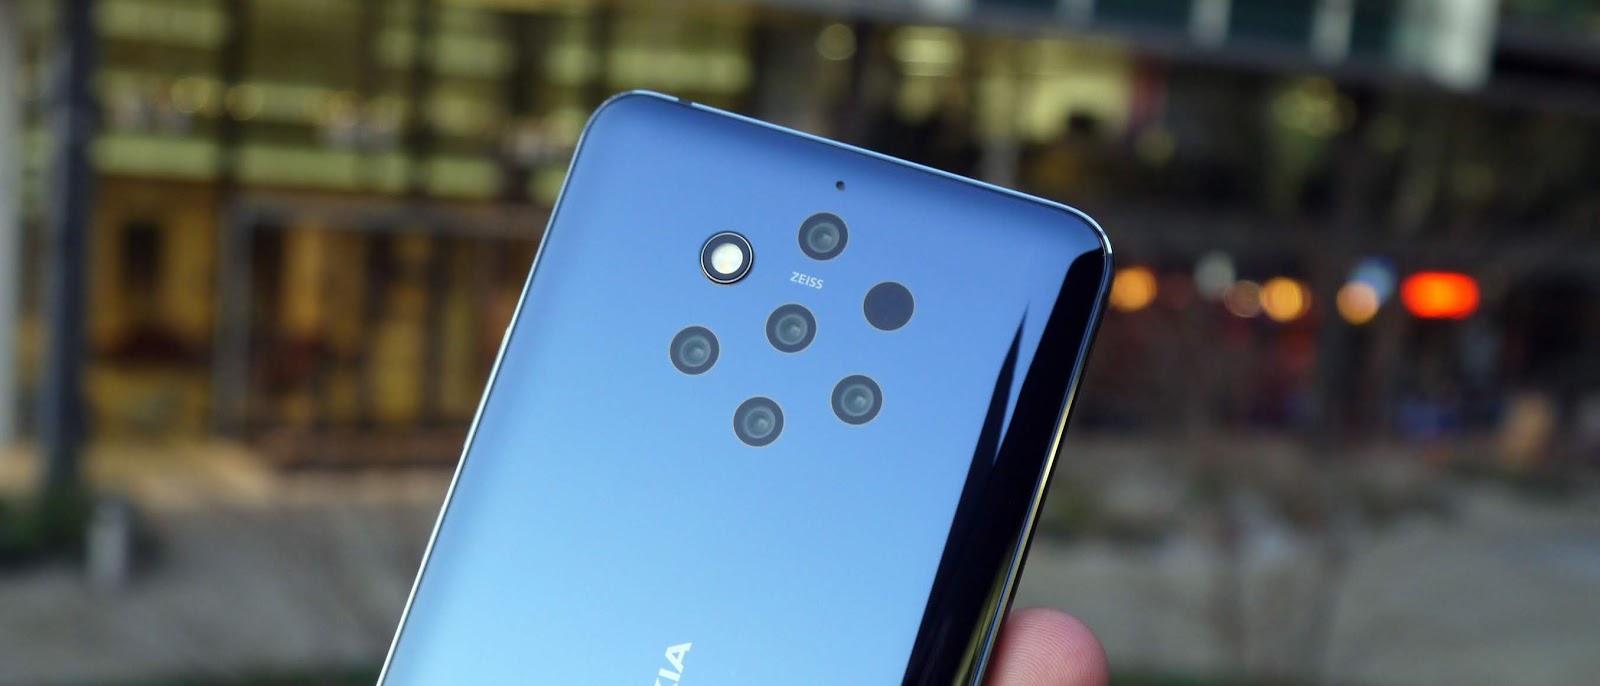 Lima Kamera! Inilah Spesifikasi dan Harga Nokia 9 PureView